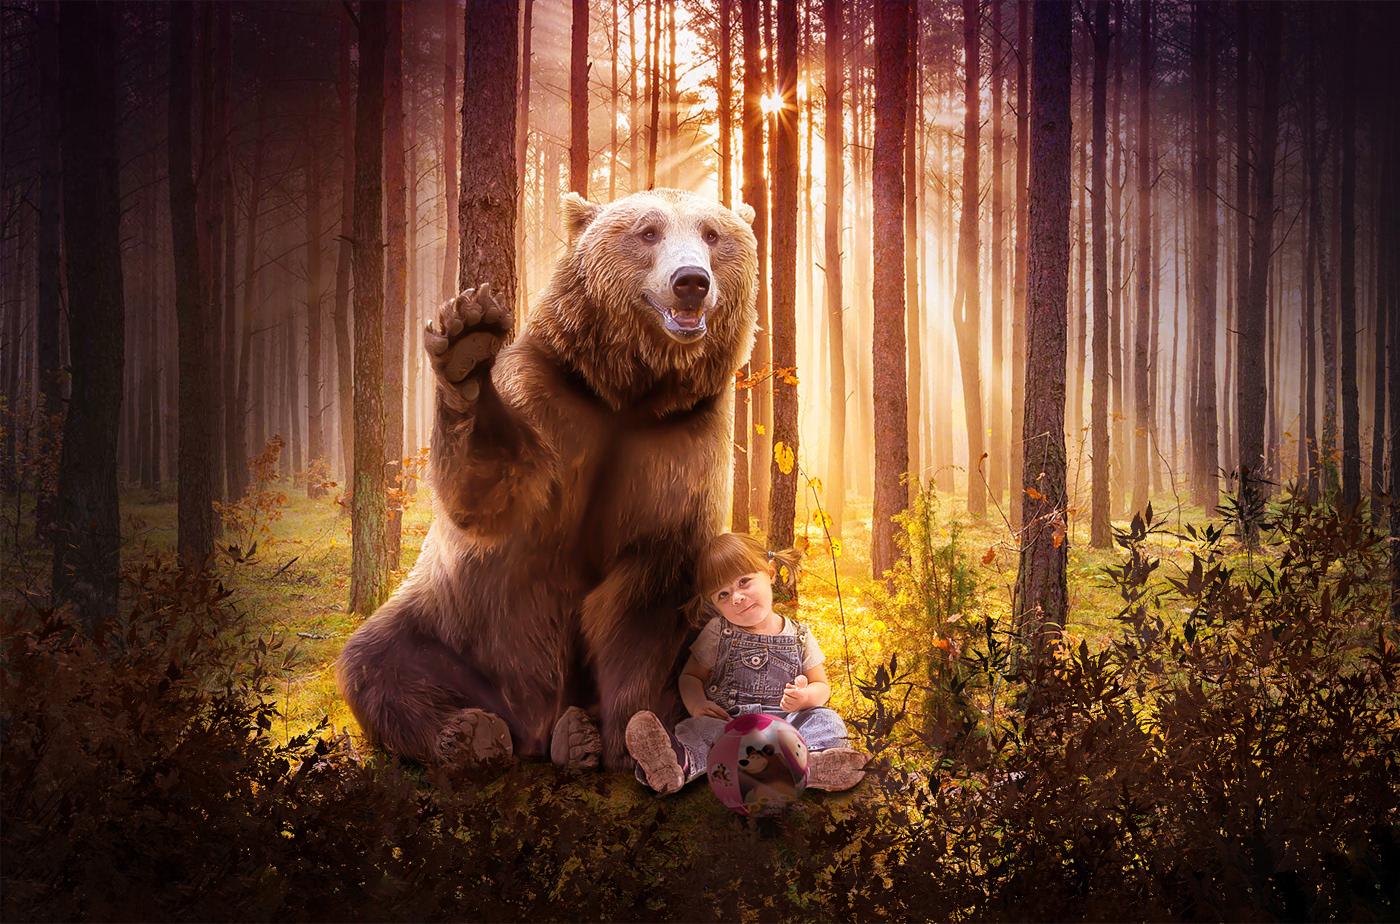 #mashaeorso #bambina #orso #bosco #natura #fantasia #Bear # #child # #wood #nature #fantasy #tribute #omaggio #cartoni # #cartoons #luci #colori #favole # #tales #film